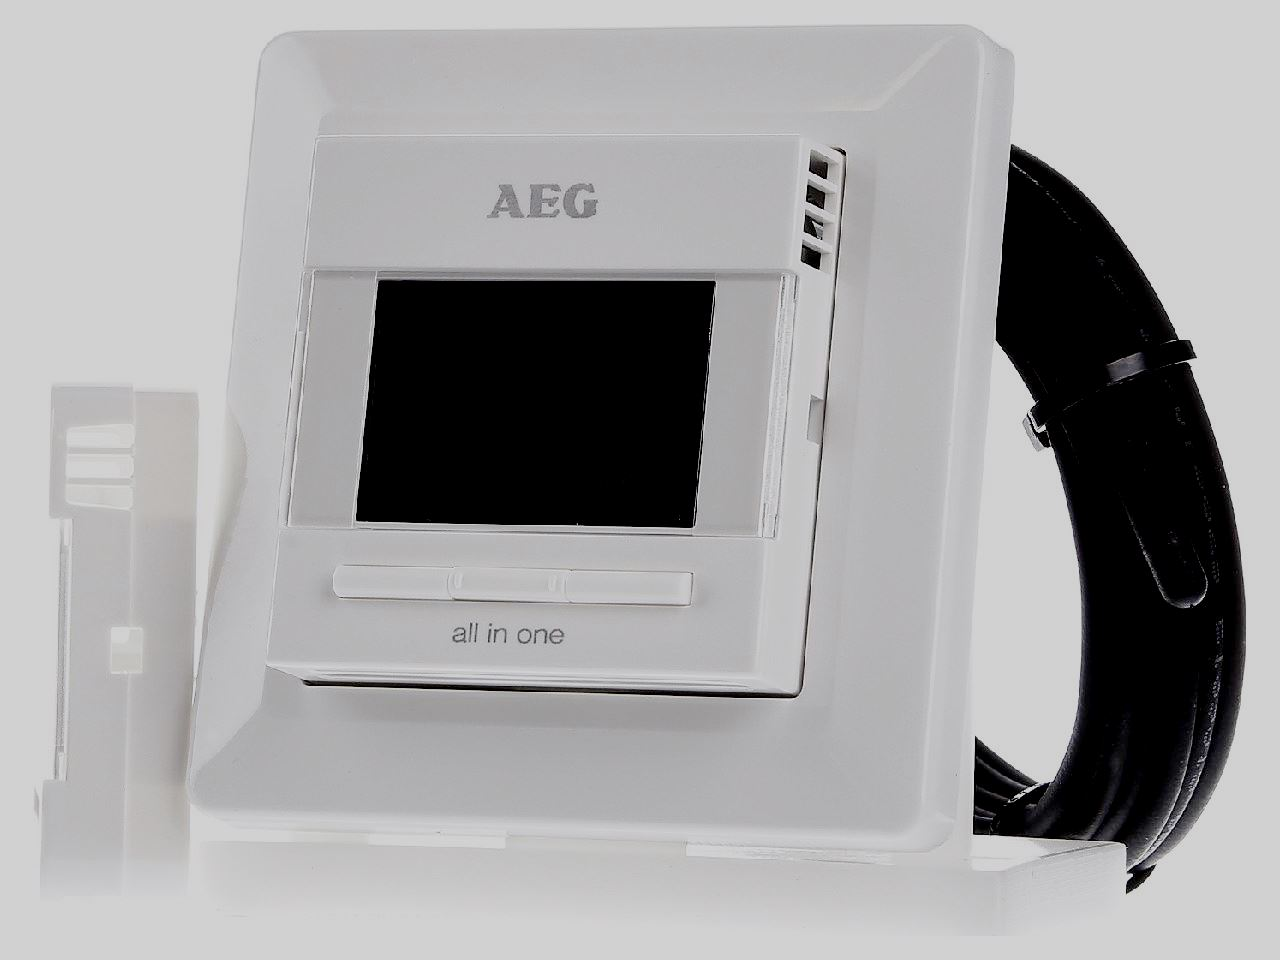 AEG FRTD 903